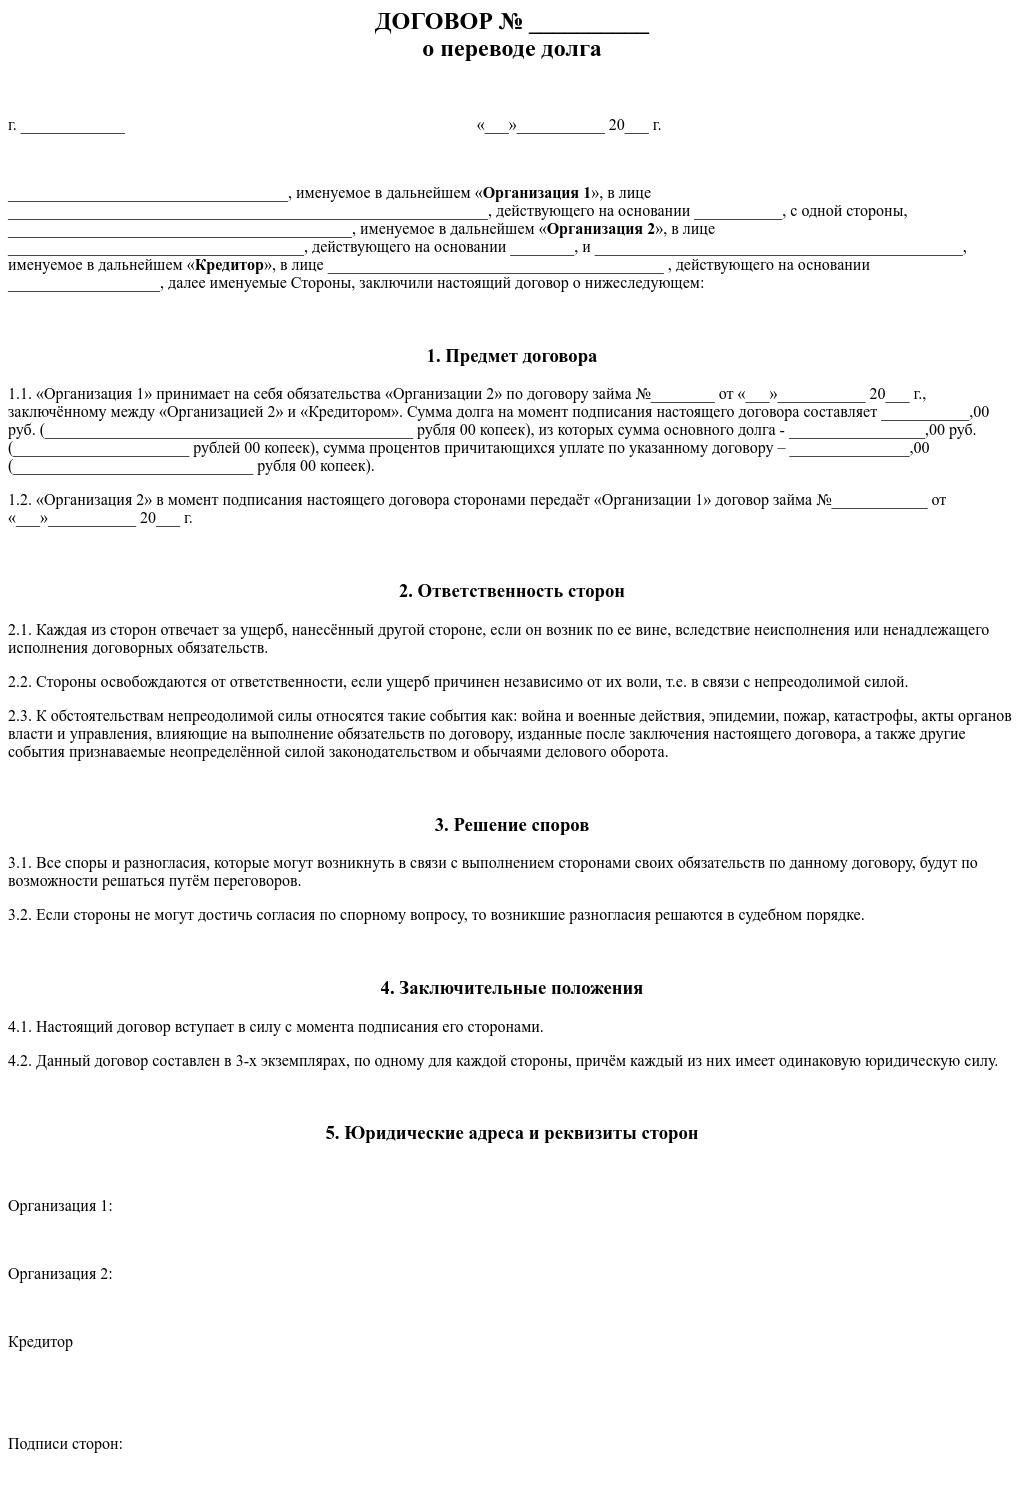 Образец Договор перевода долга (трёхсторонний)